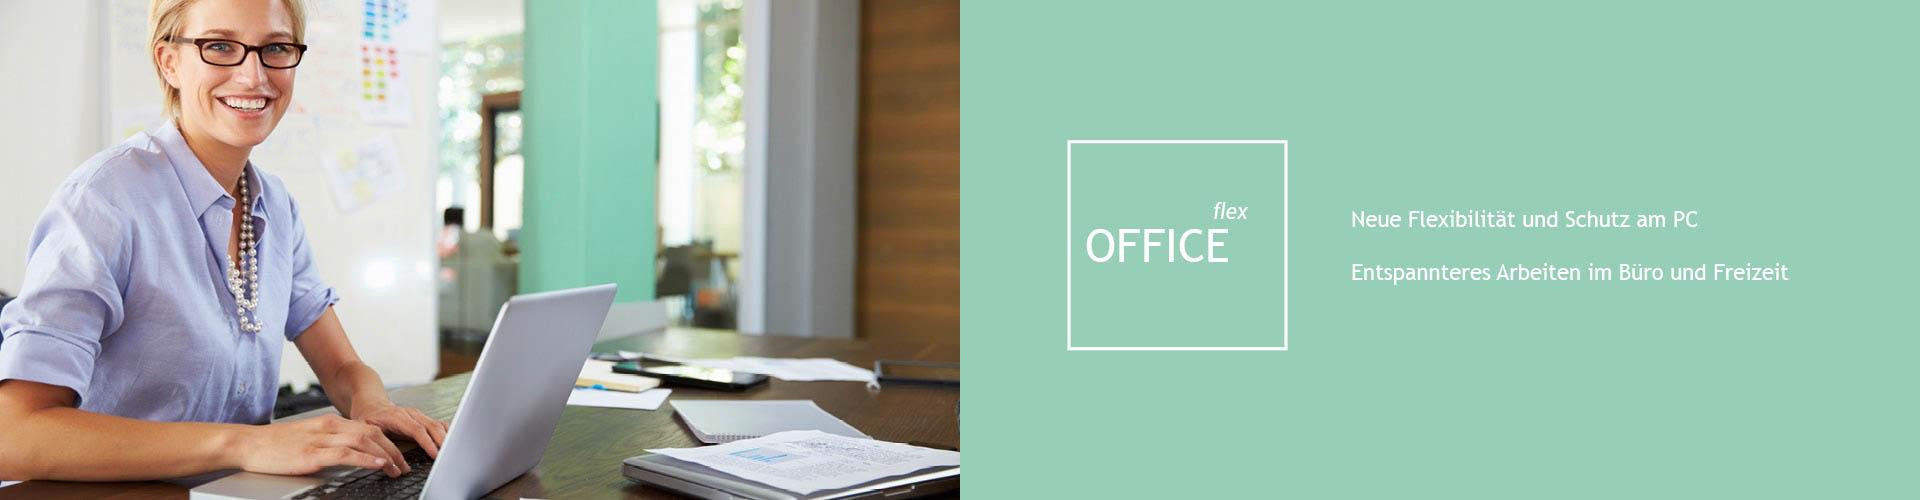 Optix Direct - spezielle Arbeitsplatzbrillengläser für beschwerdefreies Sehen am PC bei der Arbeit oder in der Freizeit